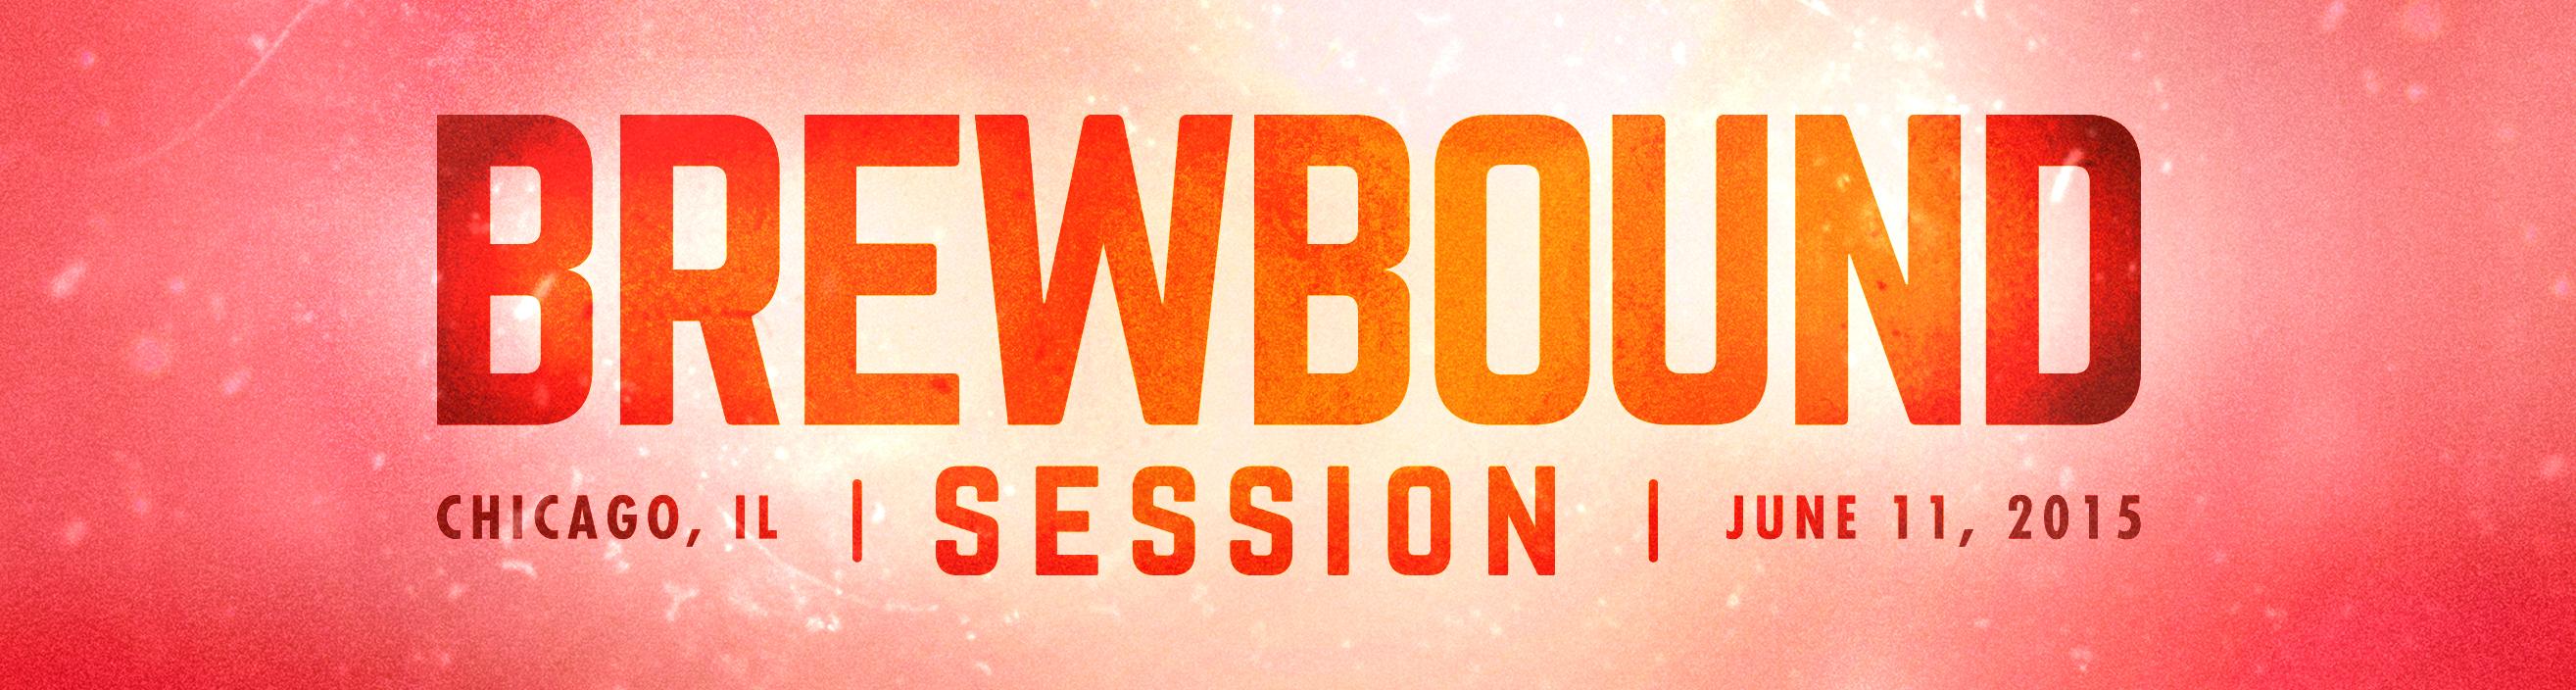 Brewbound Session Chicago 2015